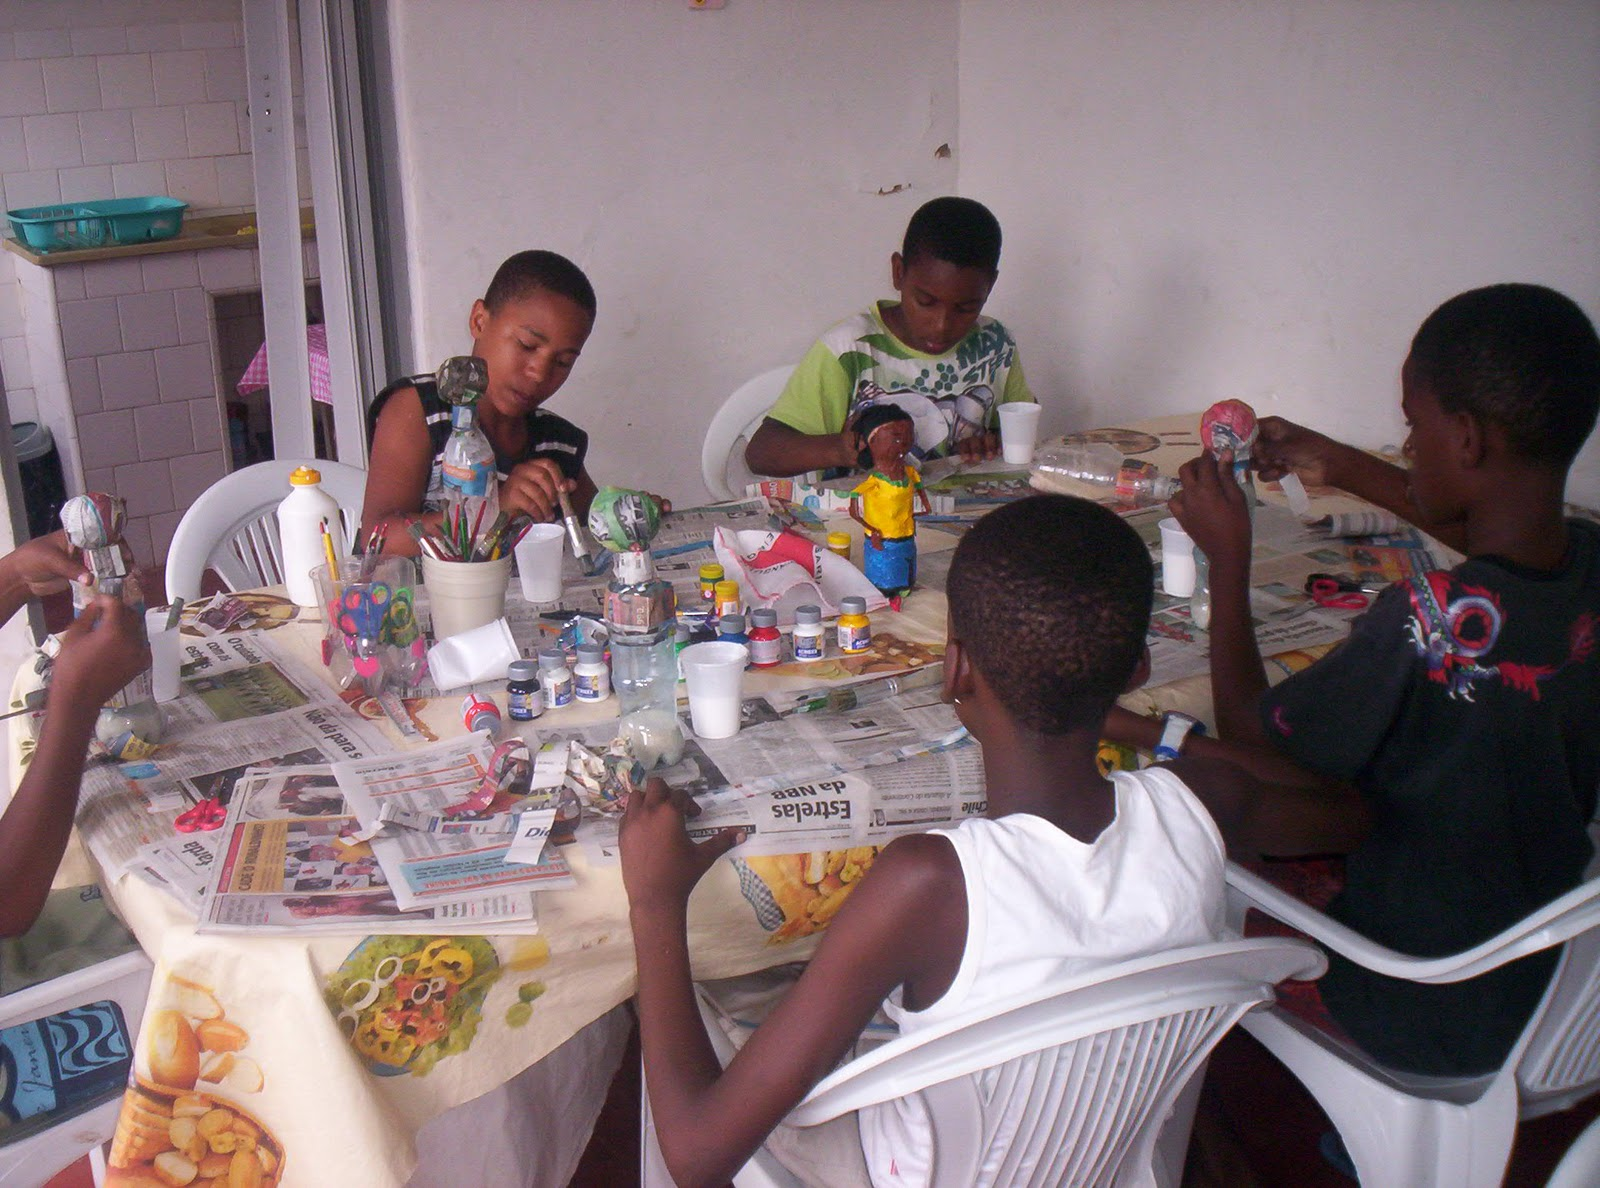 Dois Aparadores Vira Mesa De Jantar ~ Artesanato Reciclado na Escola Popular de Saúde Yeamanjá deÁgua Santa Núcleo de Cultura